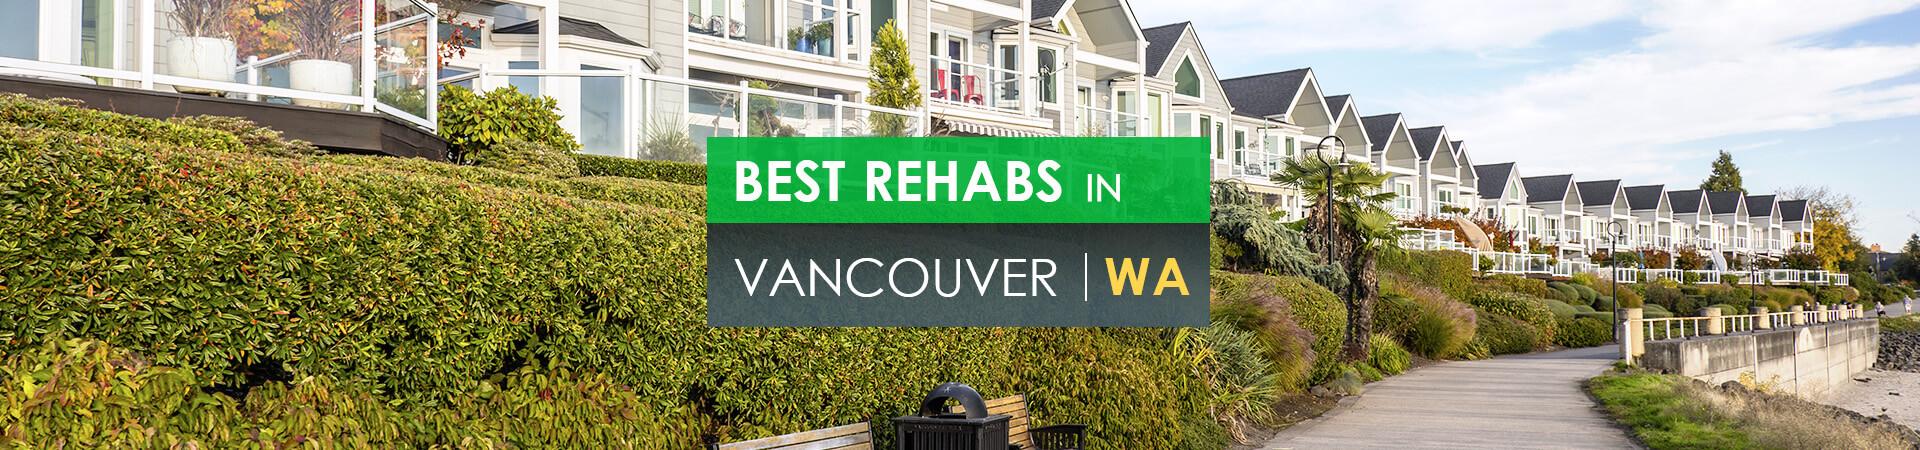 Best rehabs in Vancouver, Wa